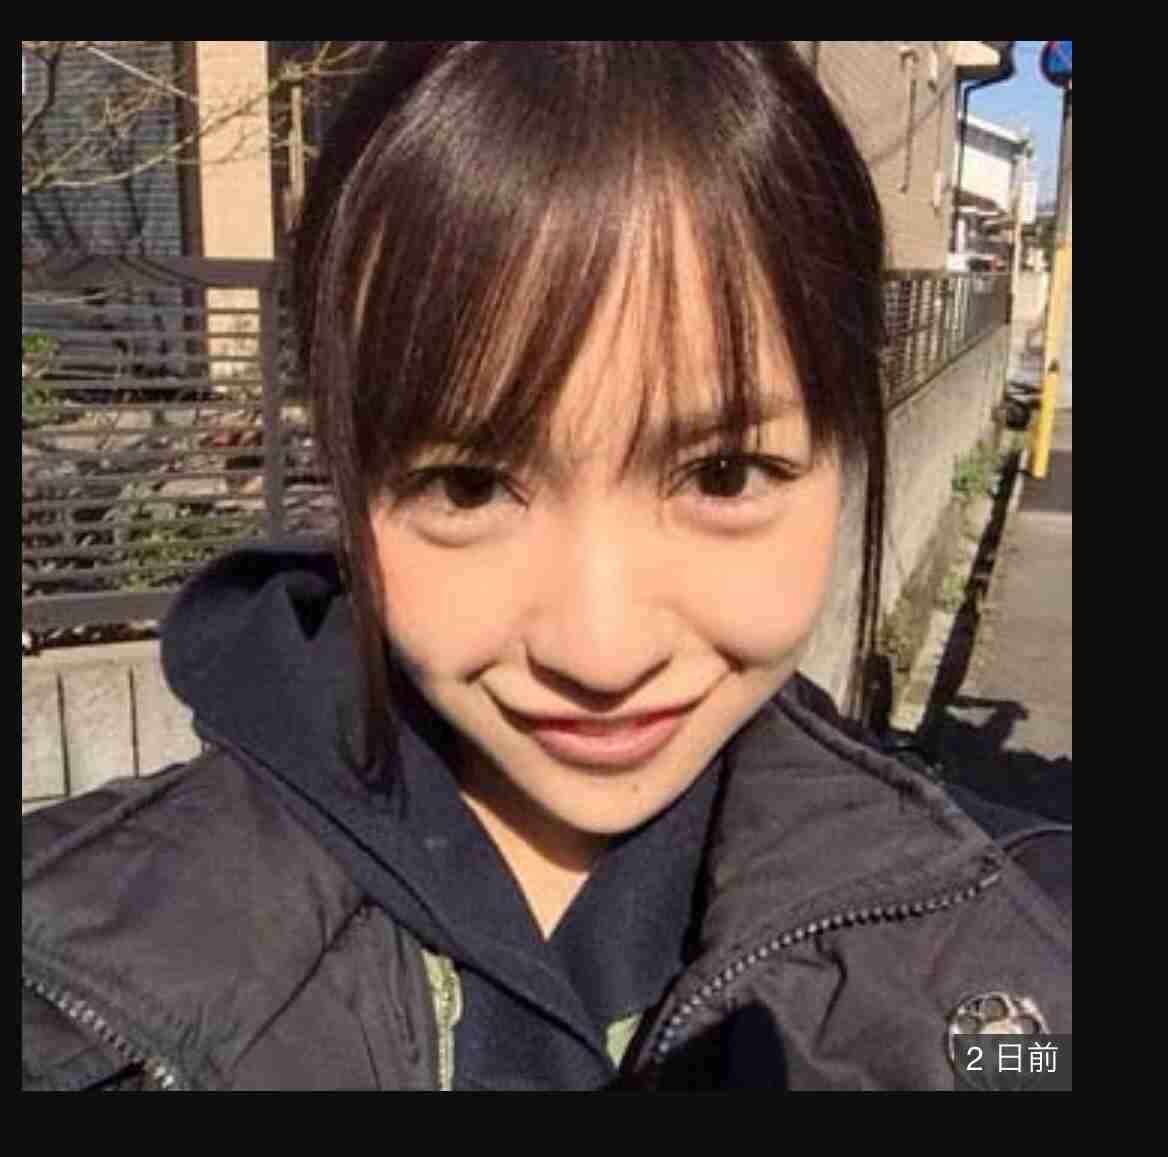 板野友美が「ニュースになった妹」とのツーショットを公開。美人姉妹と評判。